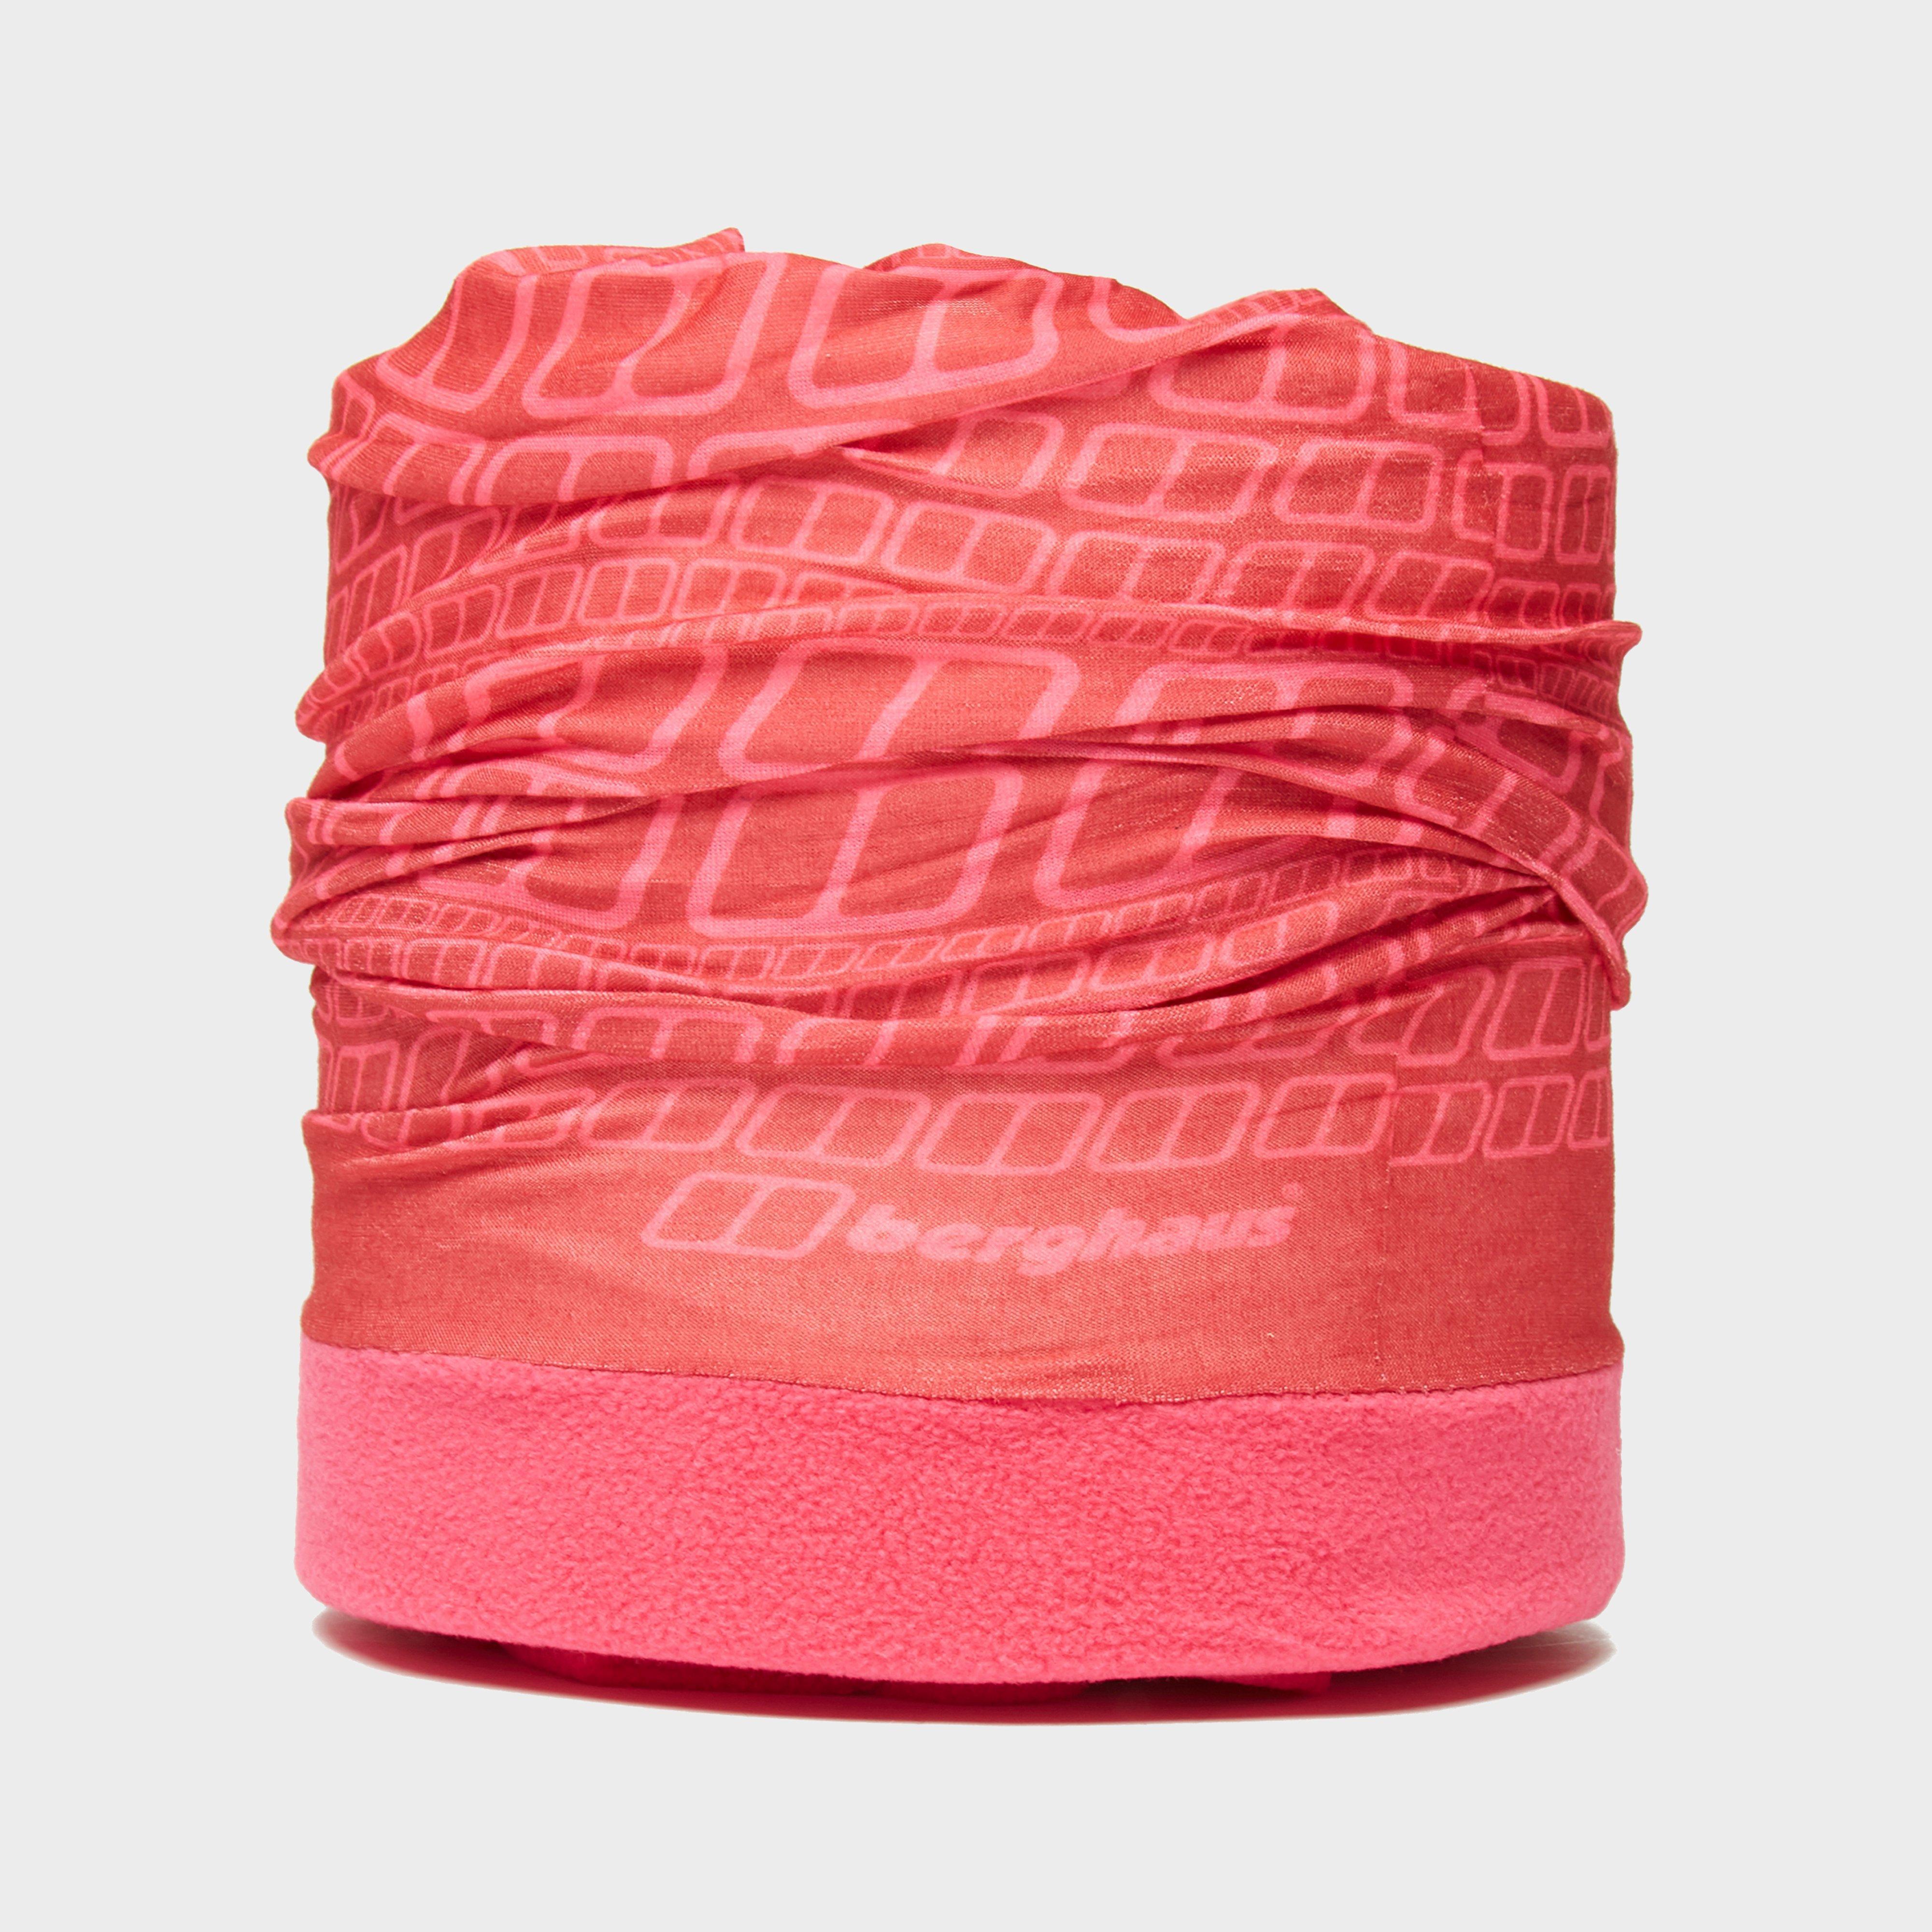 Berghaus Unisex Liner Gaiter - Pink/pnk  Pink/pnk